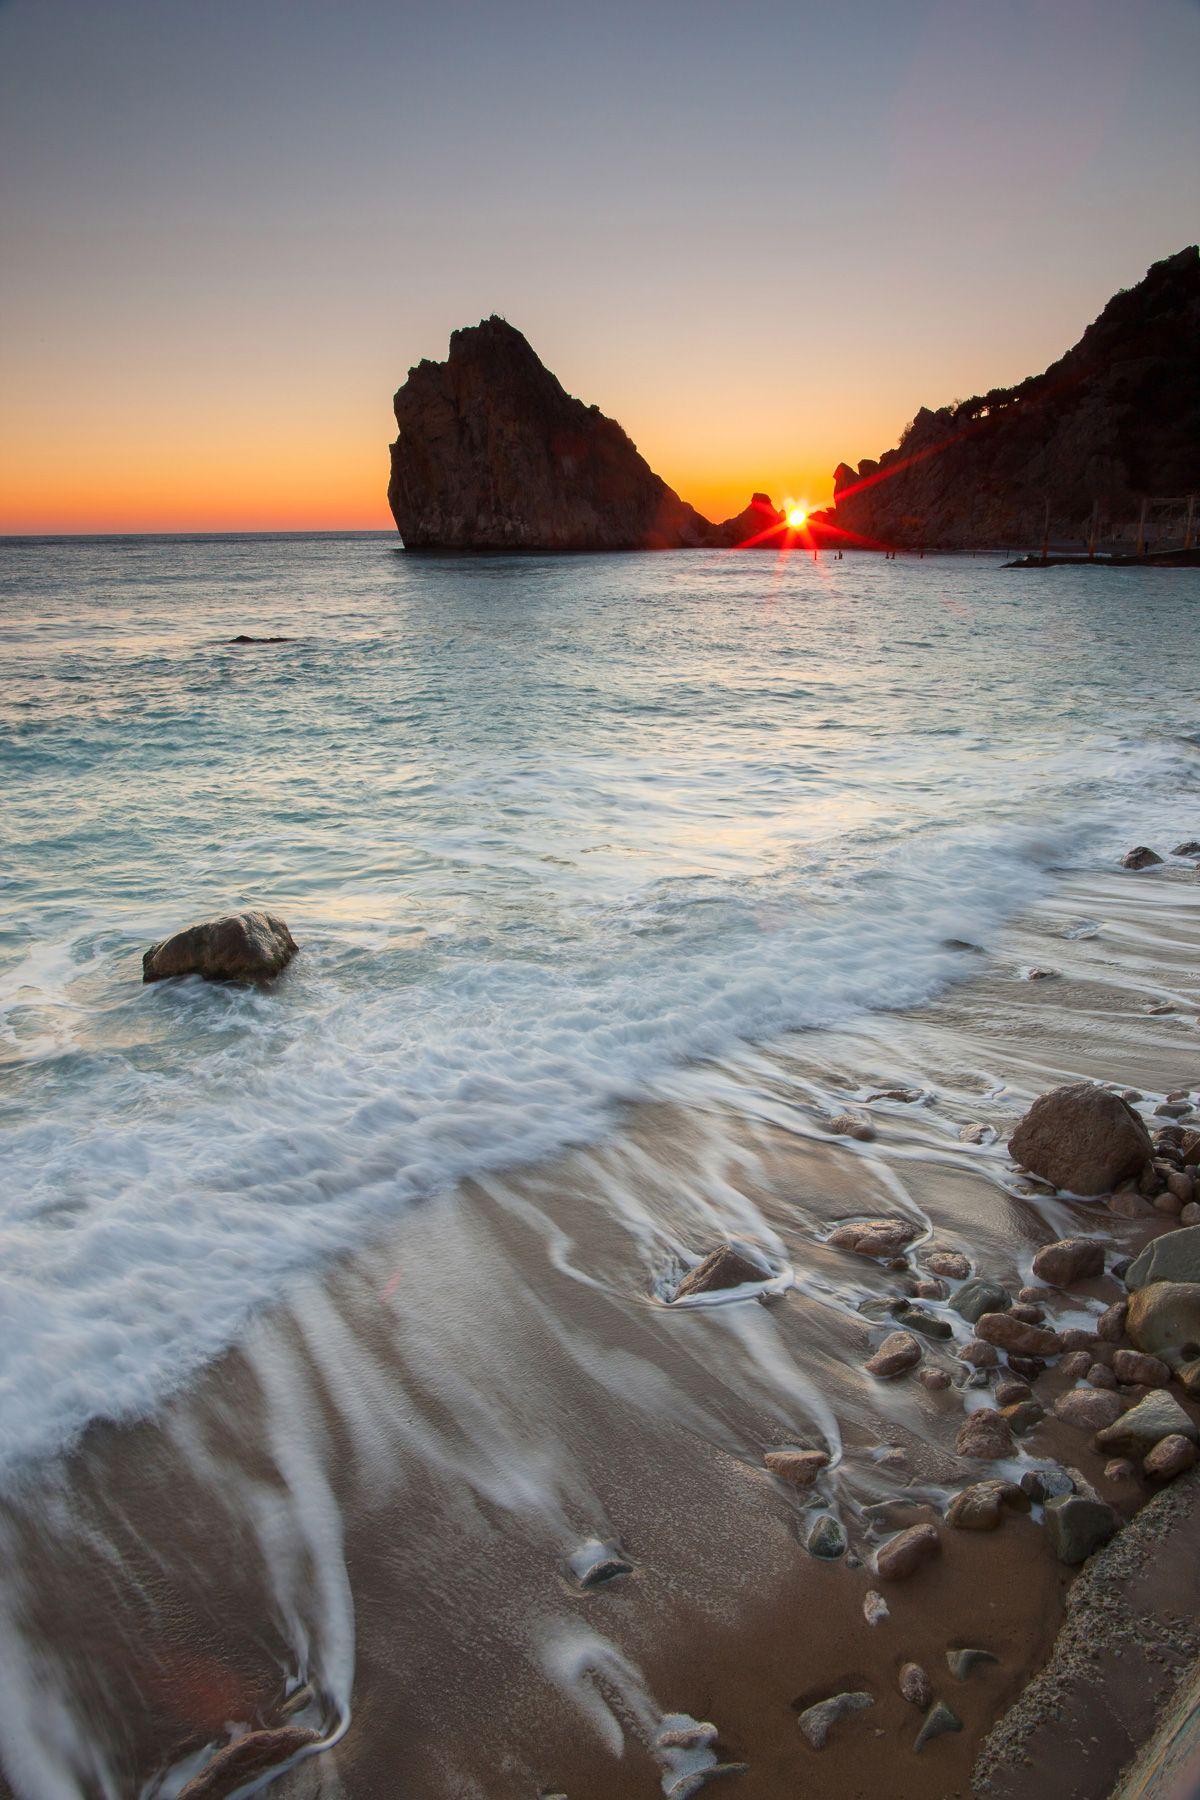 симеиз, скала дива, крым, ялта, шторм в ялте, шторм, волна, пляж, фотограф ялта, фотограф крым, Titov Serge